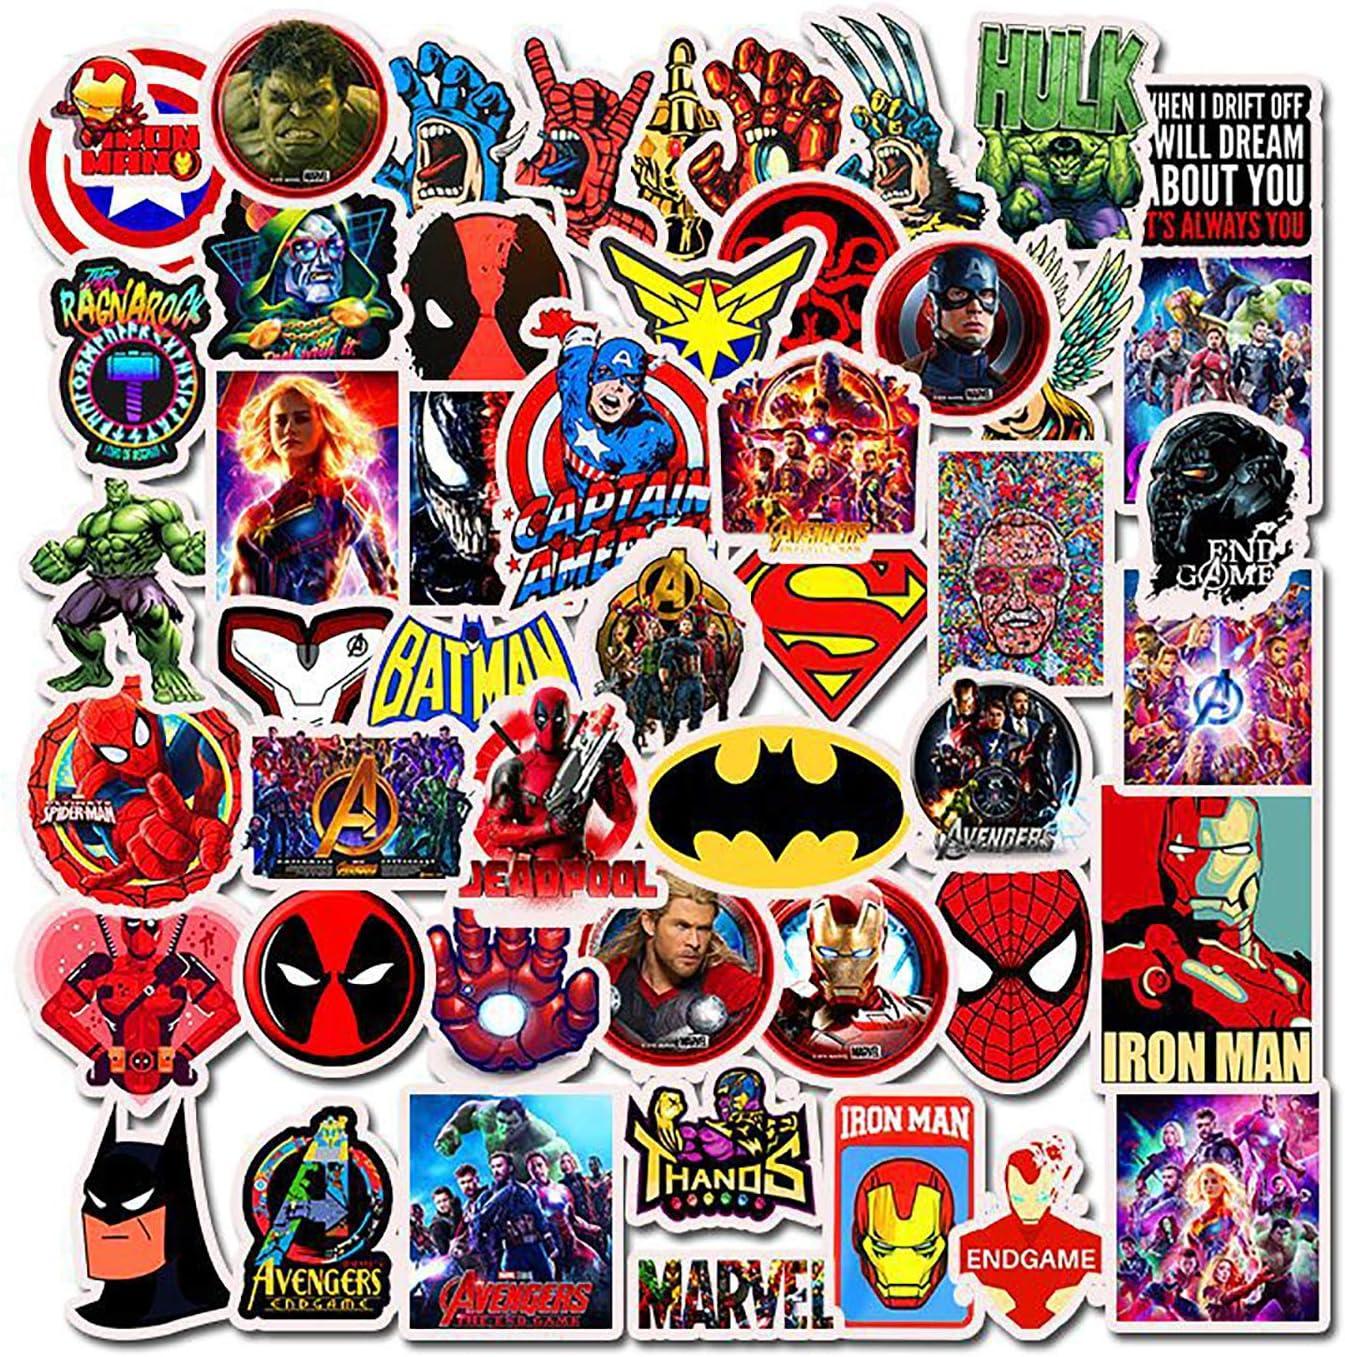 Spiderman Automobili Bicicletta motociclette Qemsele Adesivi Bambini Bagagli 100 Pezzi Supereroe Stickers Vinili Decals Adesivo Bagaglio per Computer Portatile autoadesivi paraurti Skateboard